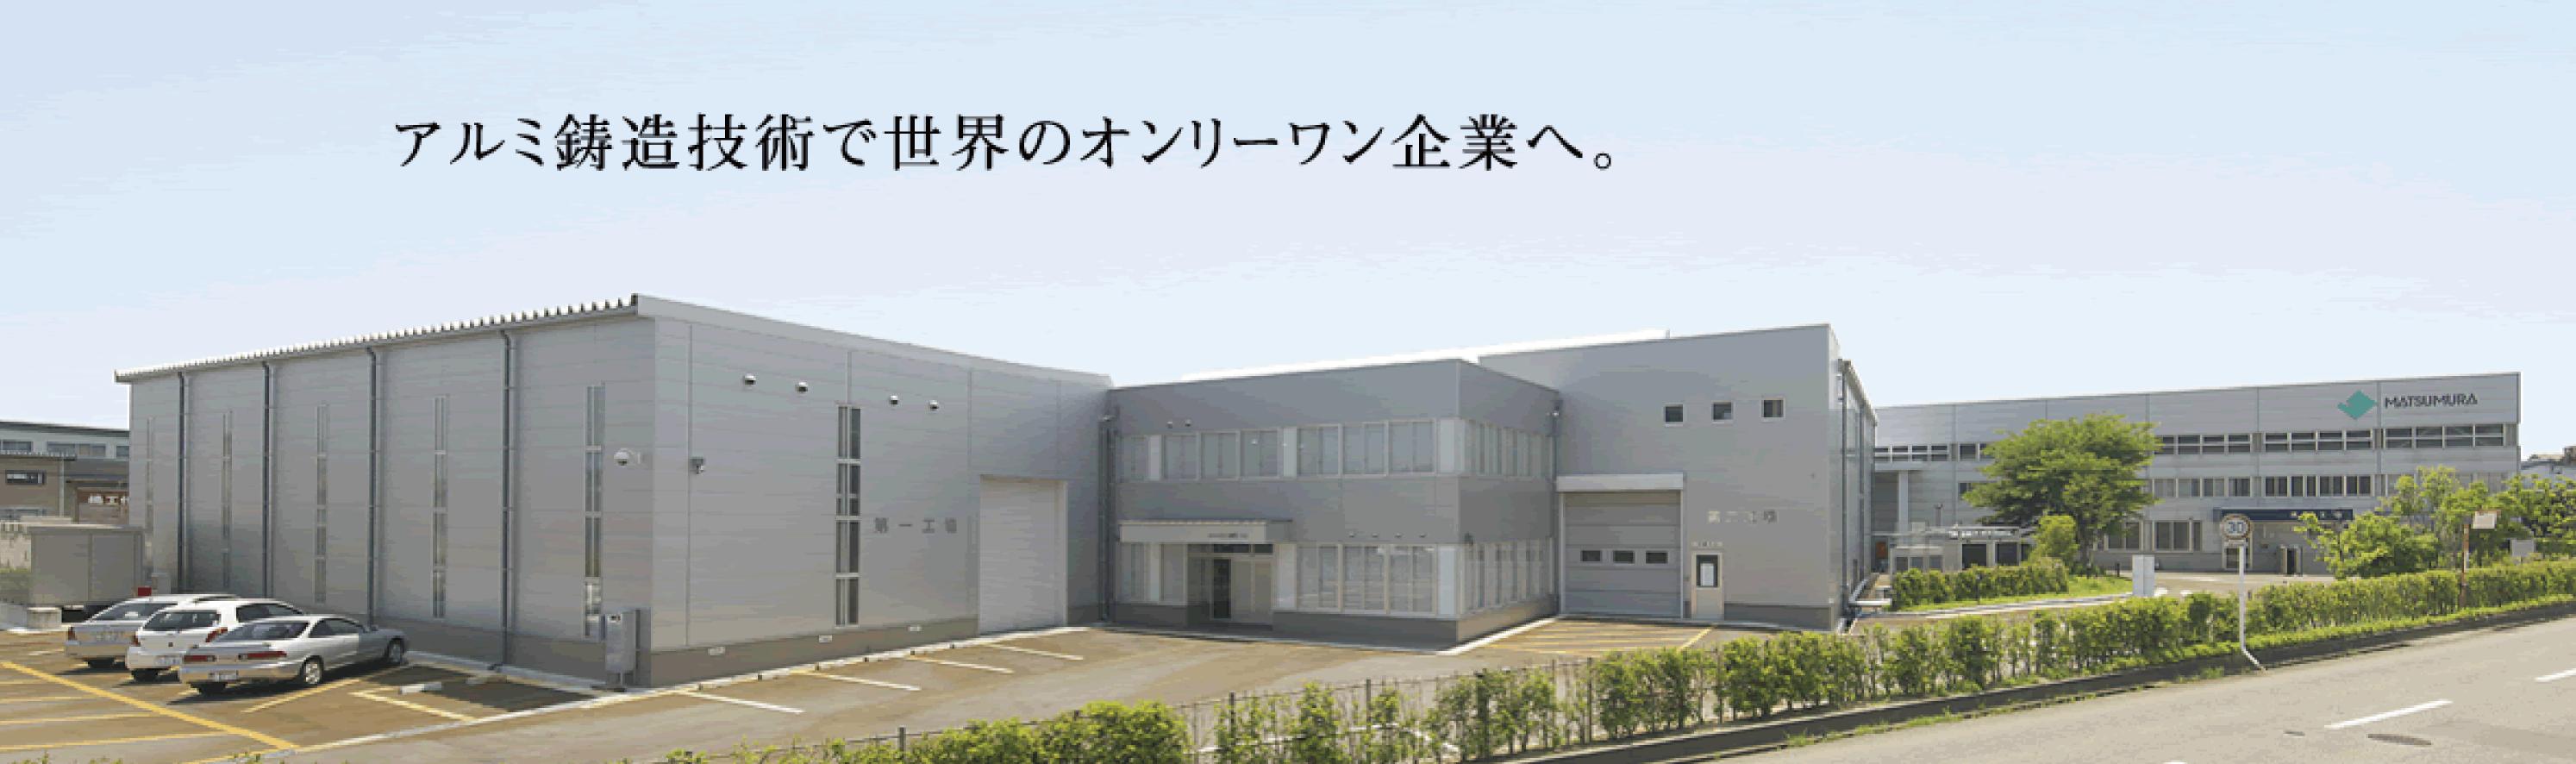 アルミ鋳造技術で世界のオンリーワン企業へ。